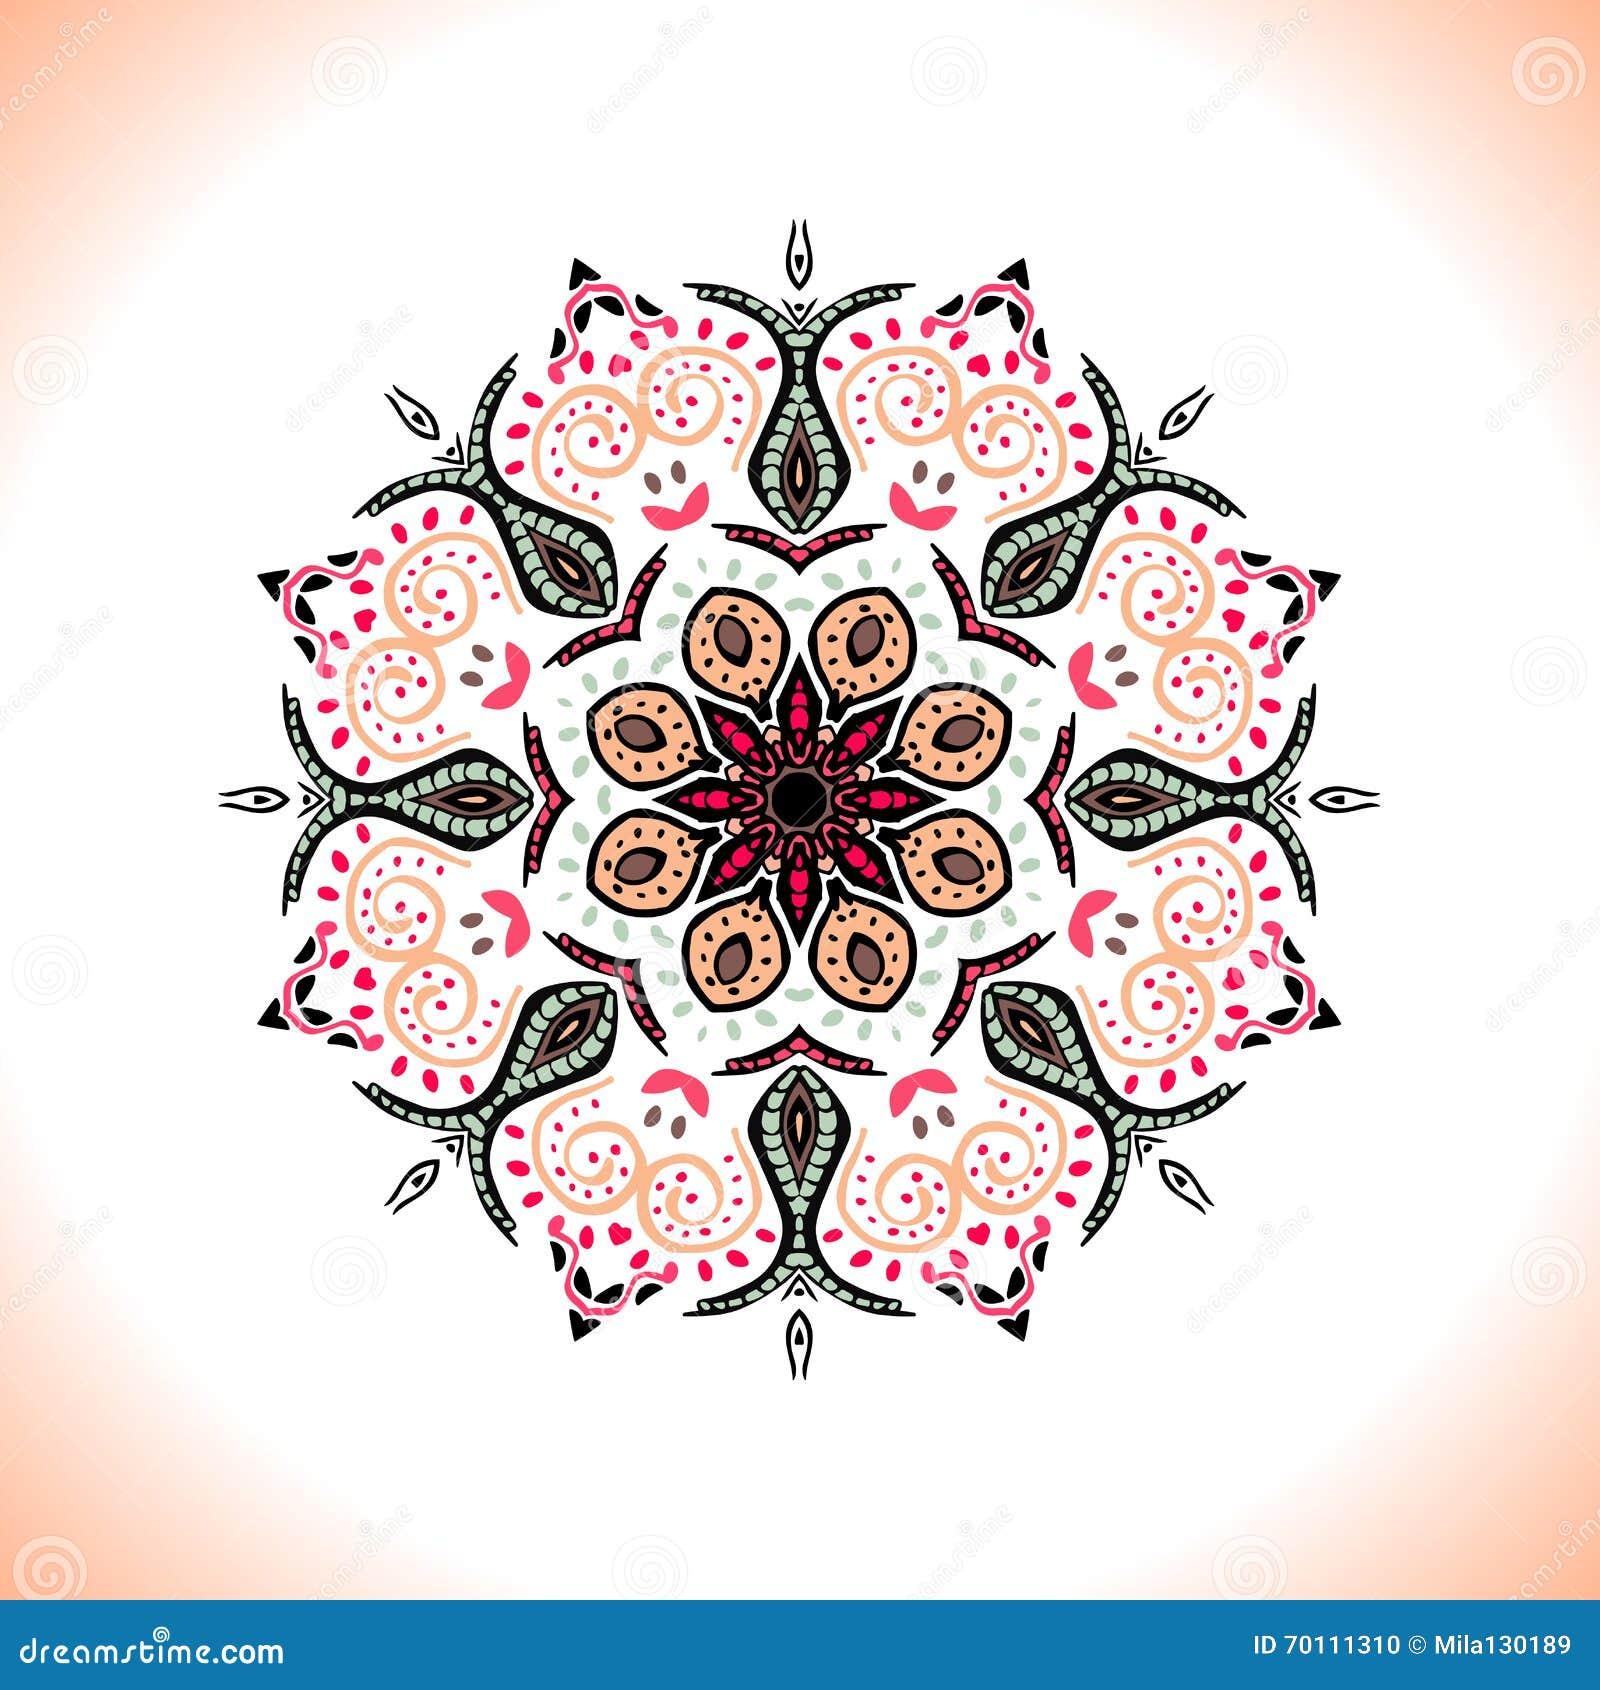 Mandala Vector o ornamento em cores do pêssego, elemento decorativo redondo para seu projeto